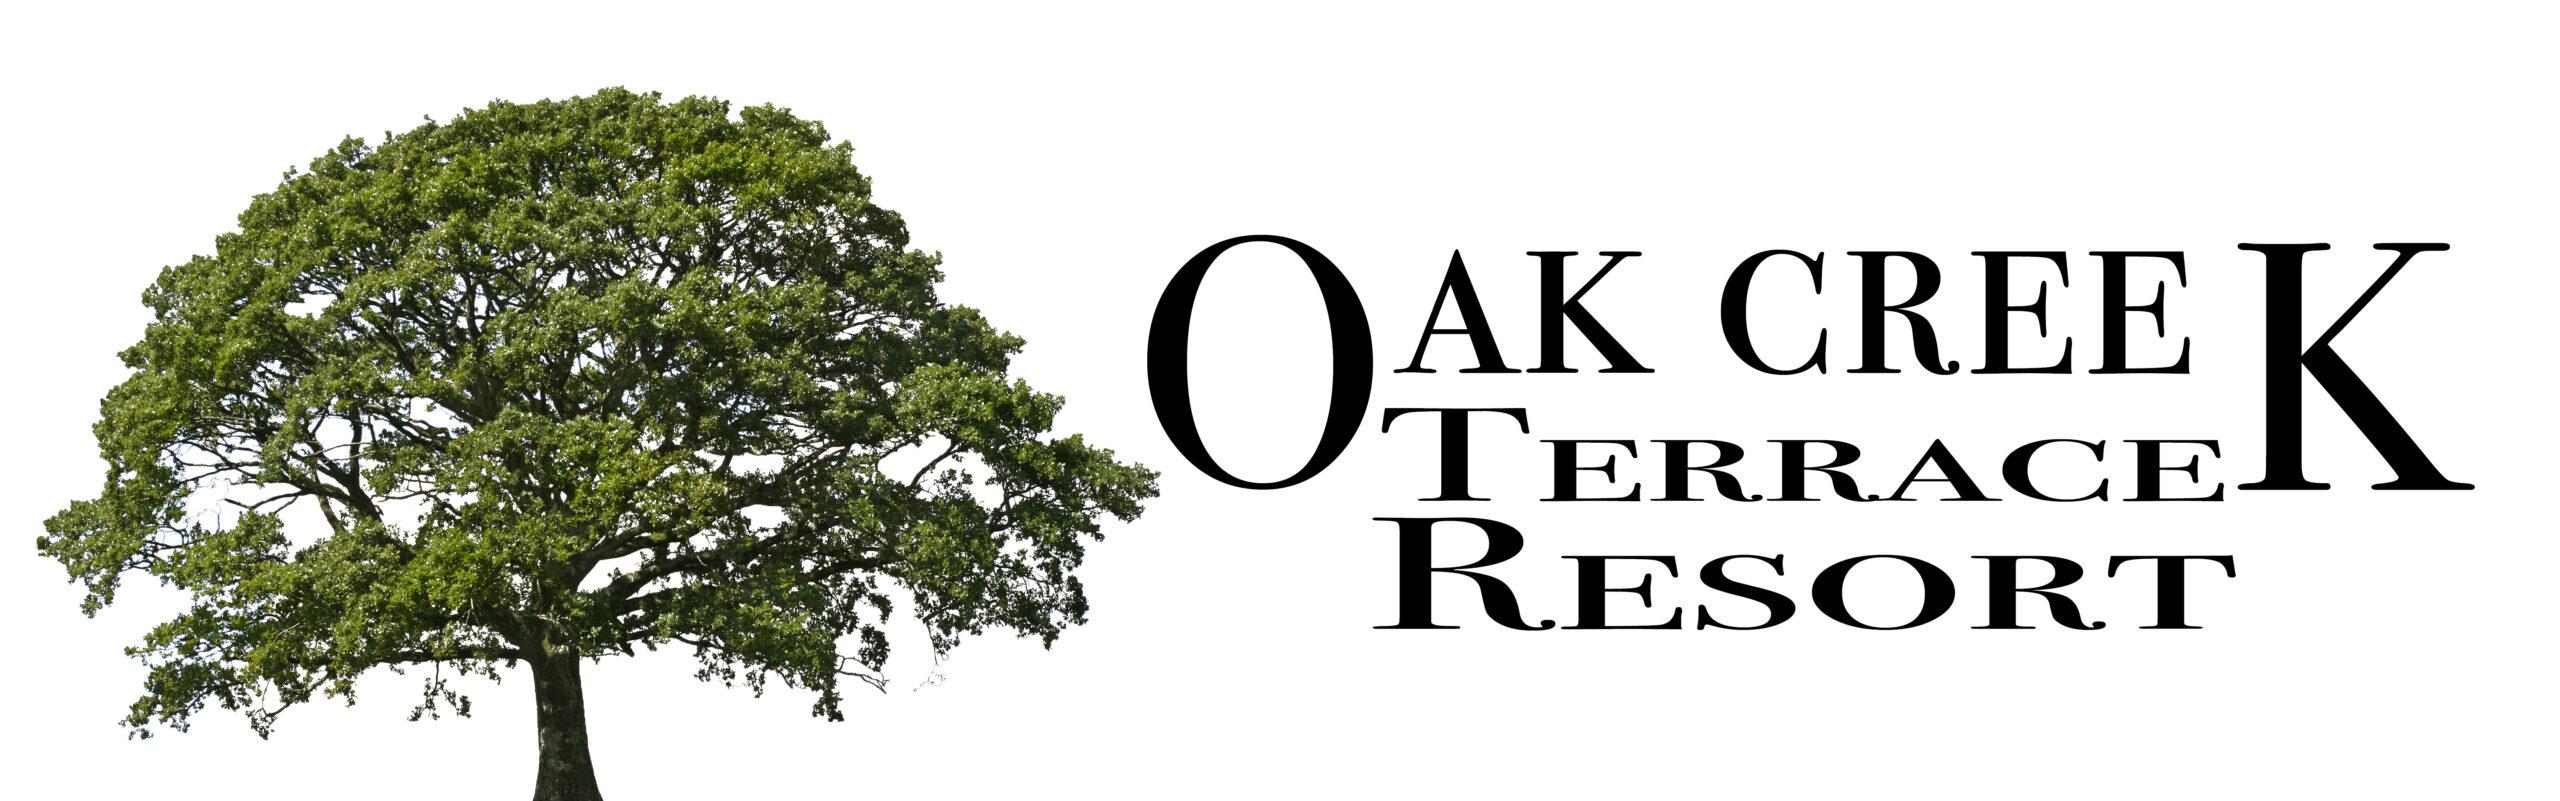 The Oak Creek Terrace